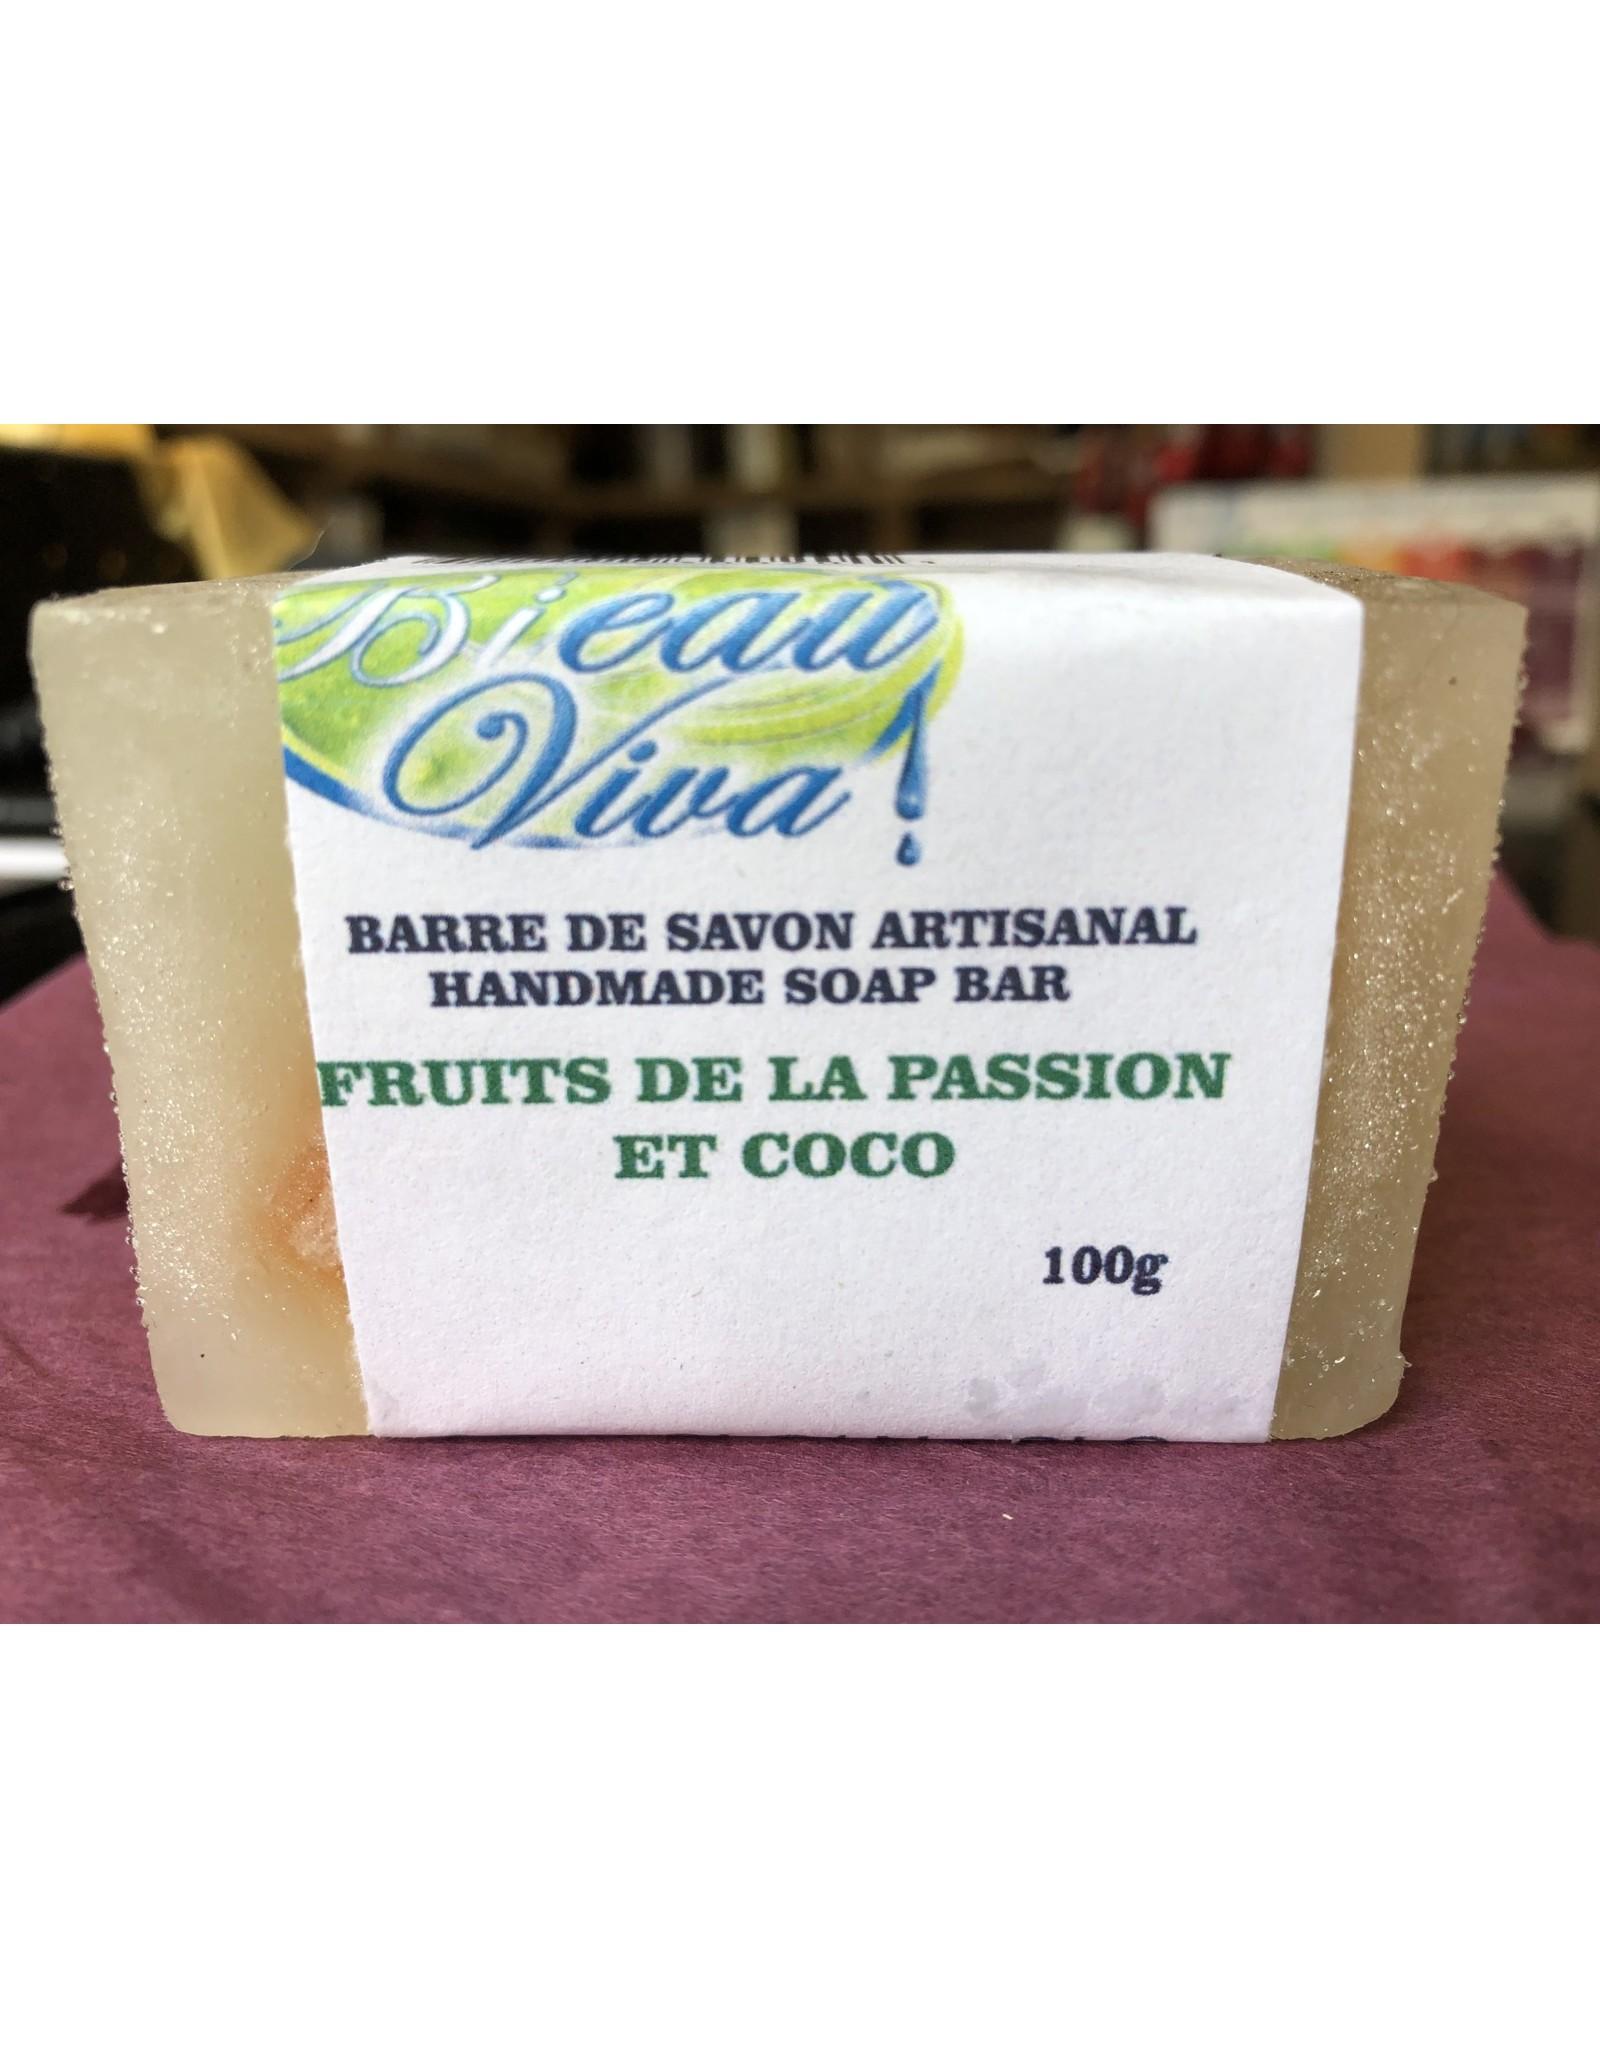 Bieau Viva Savon fruits de la passion et coco, 100 g